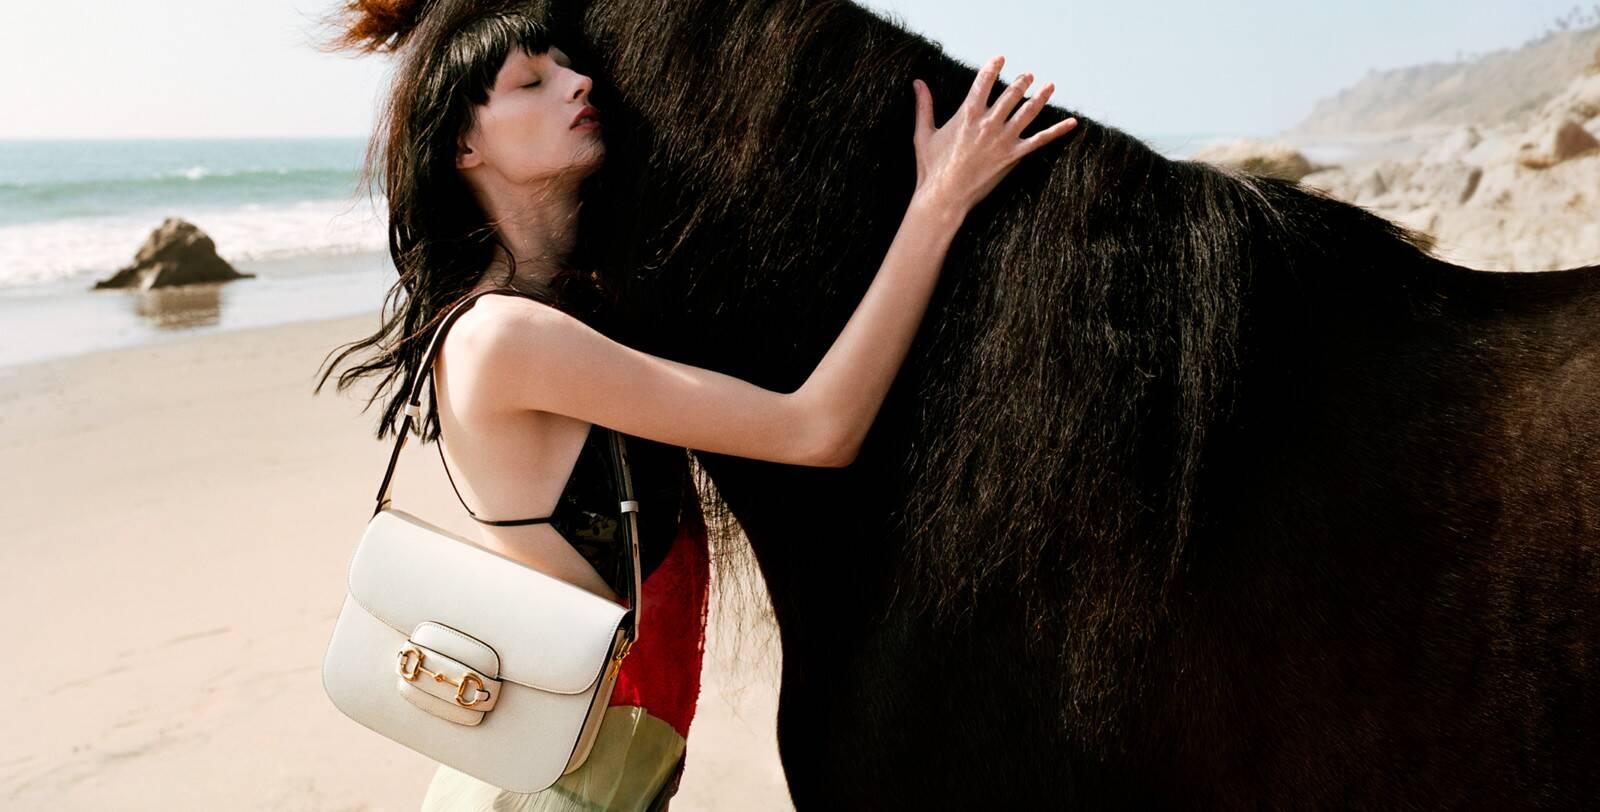 túi xách gucci trắng chụp với ngựa đen